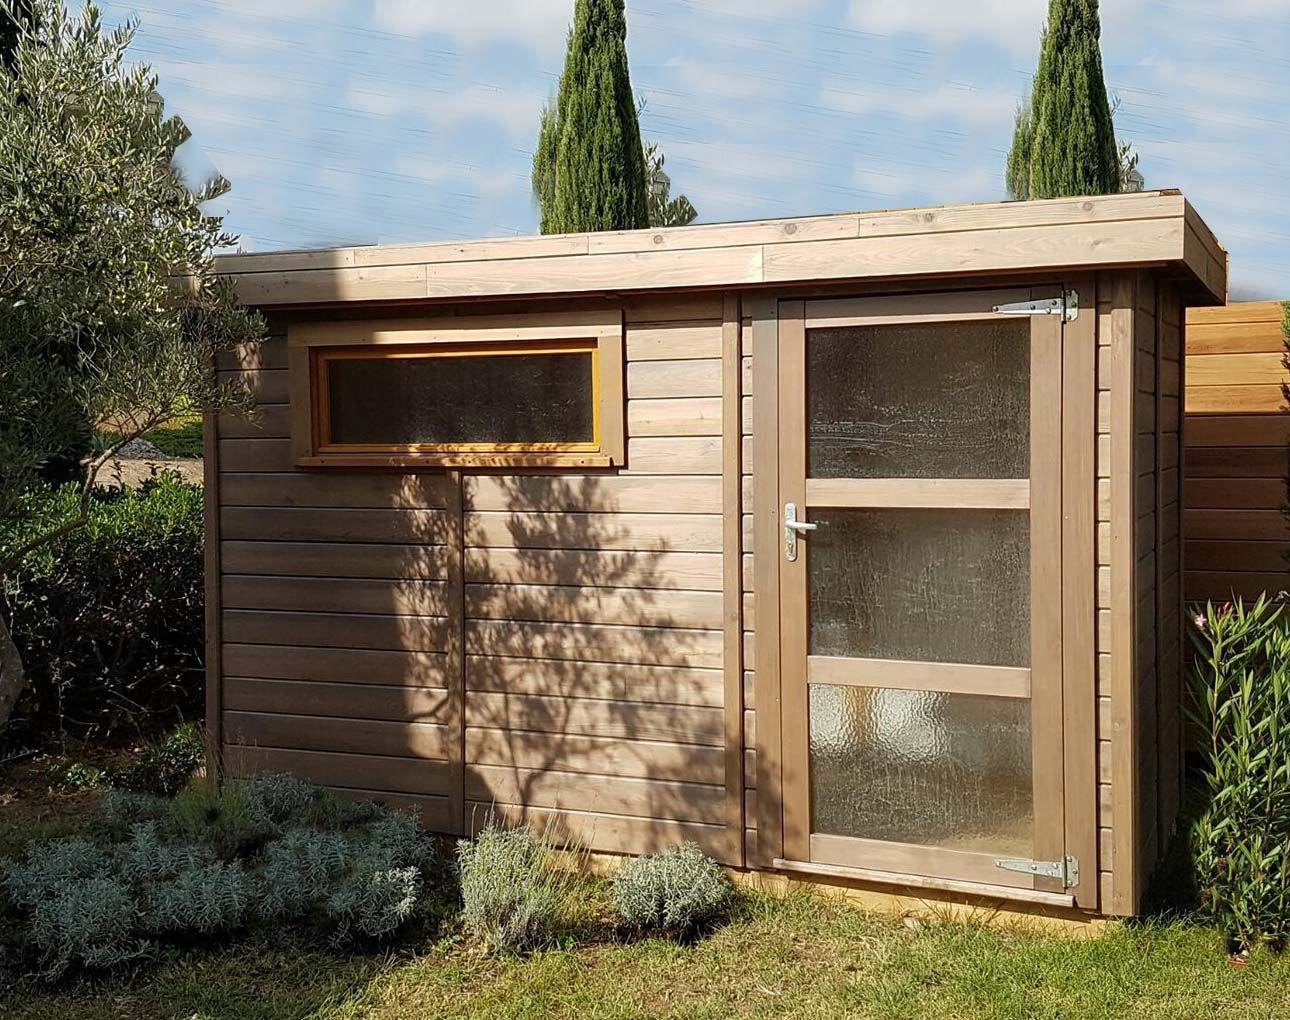 Un Abri Toit Plat Pour Votre Jardin, Ça Vous Tente ... concernant Tente Abris De Jardin